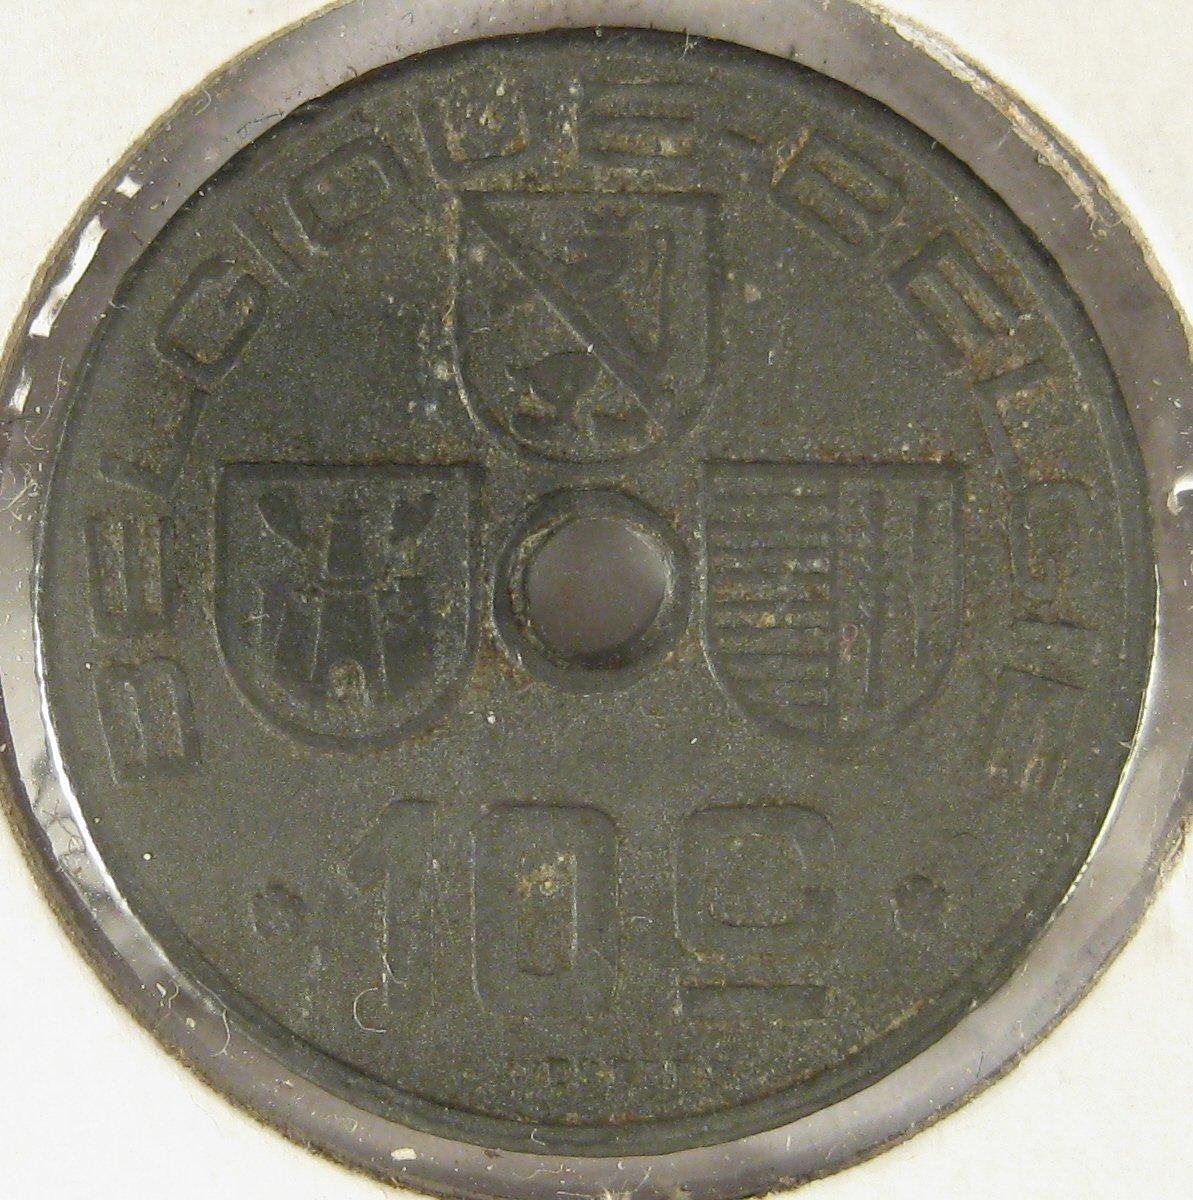 1941 Belgium 10 centimes #4108